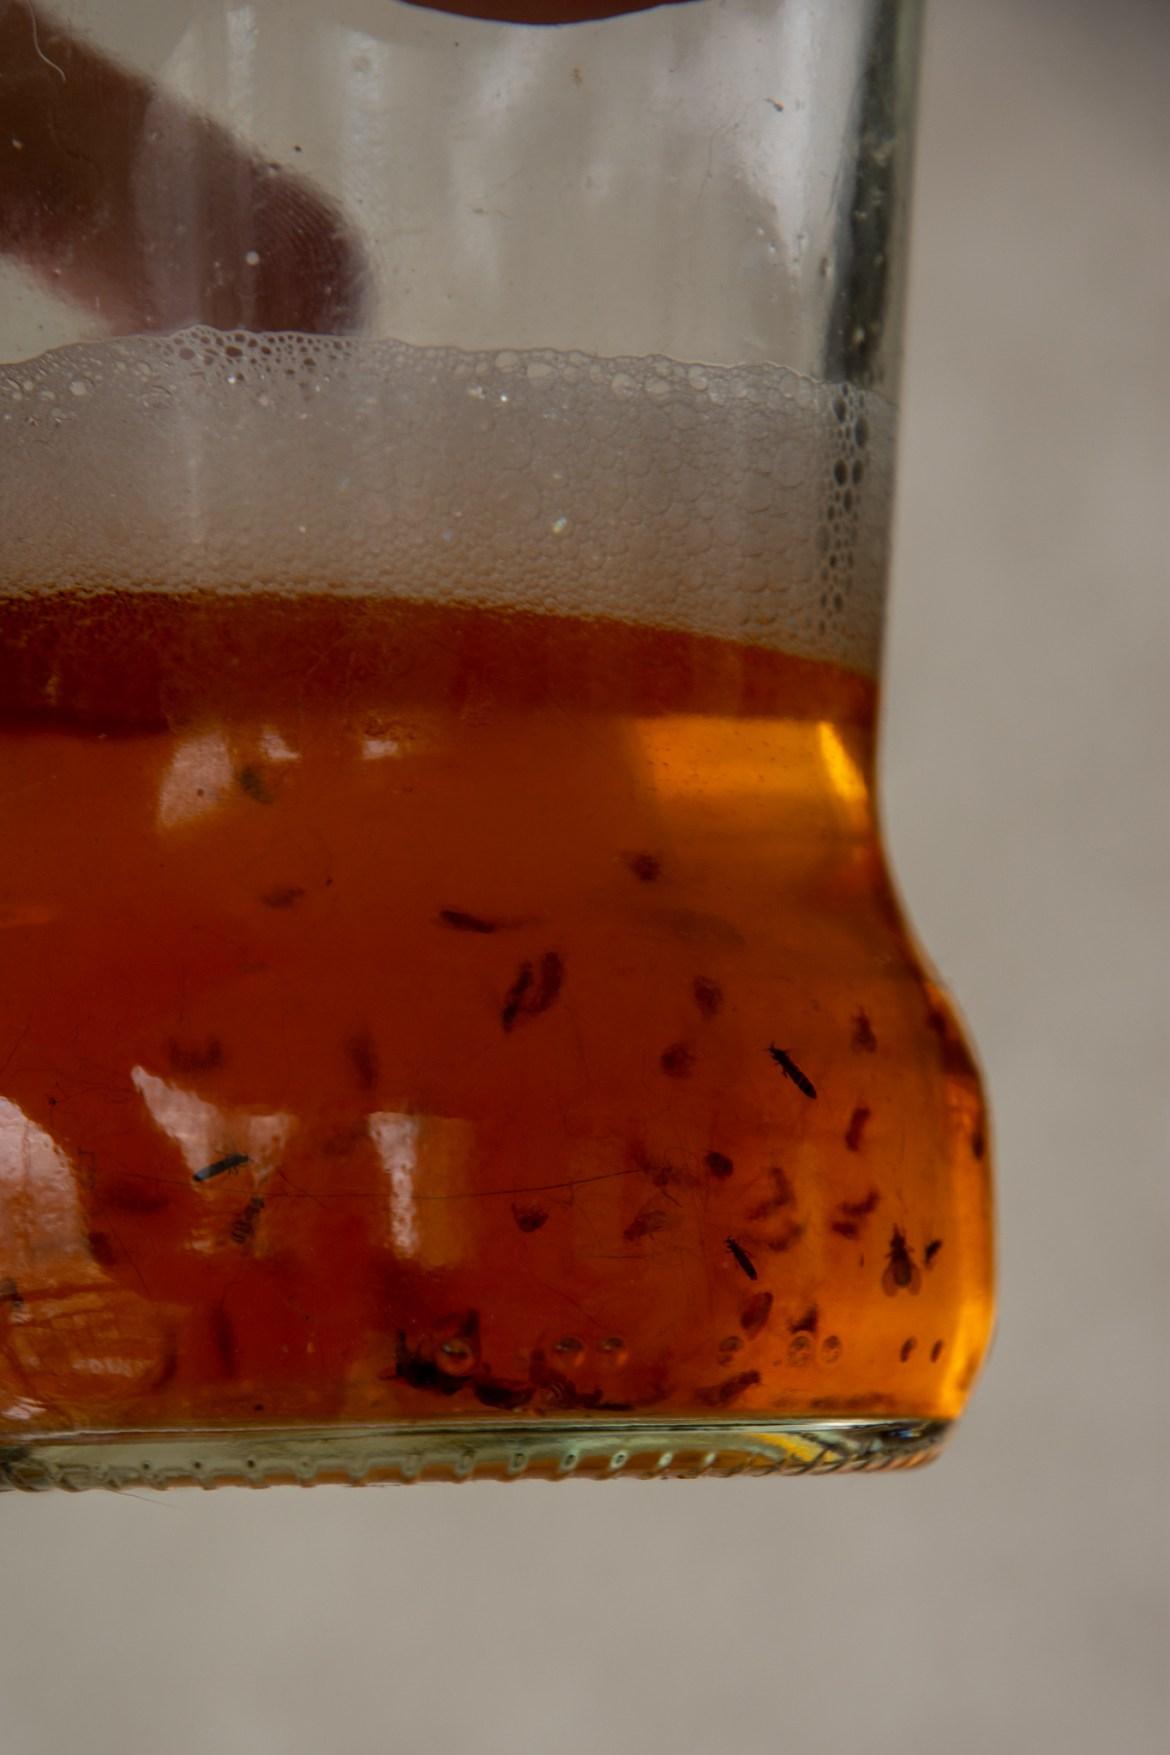 mosca da fruta - como acabar com elas